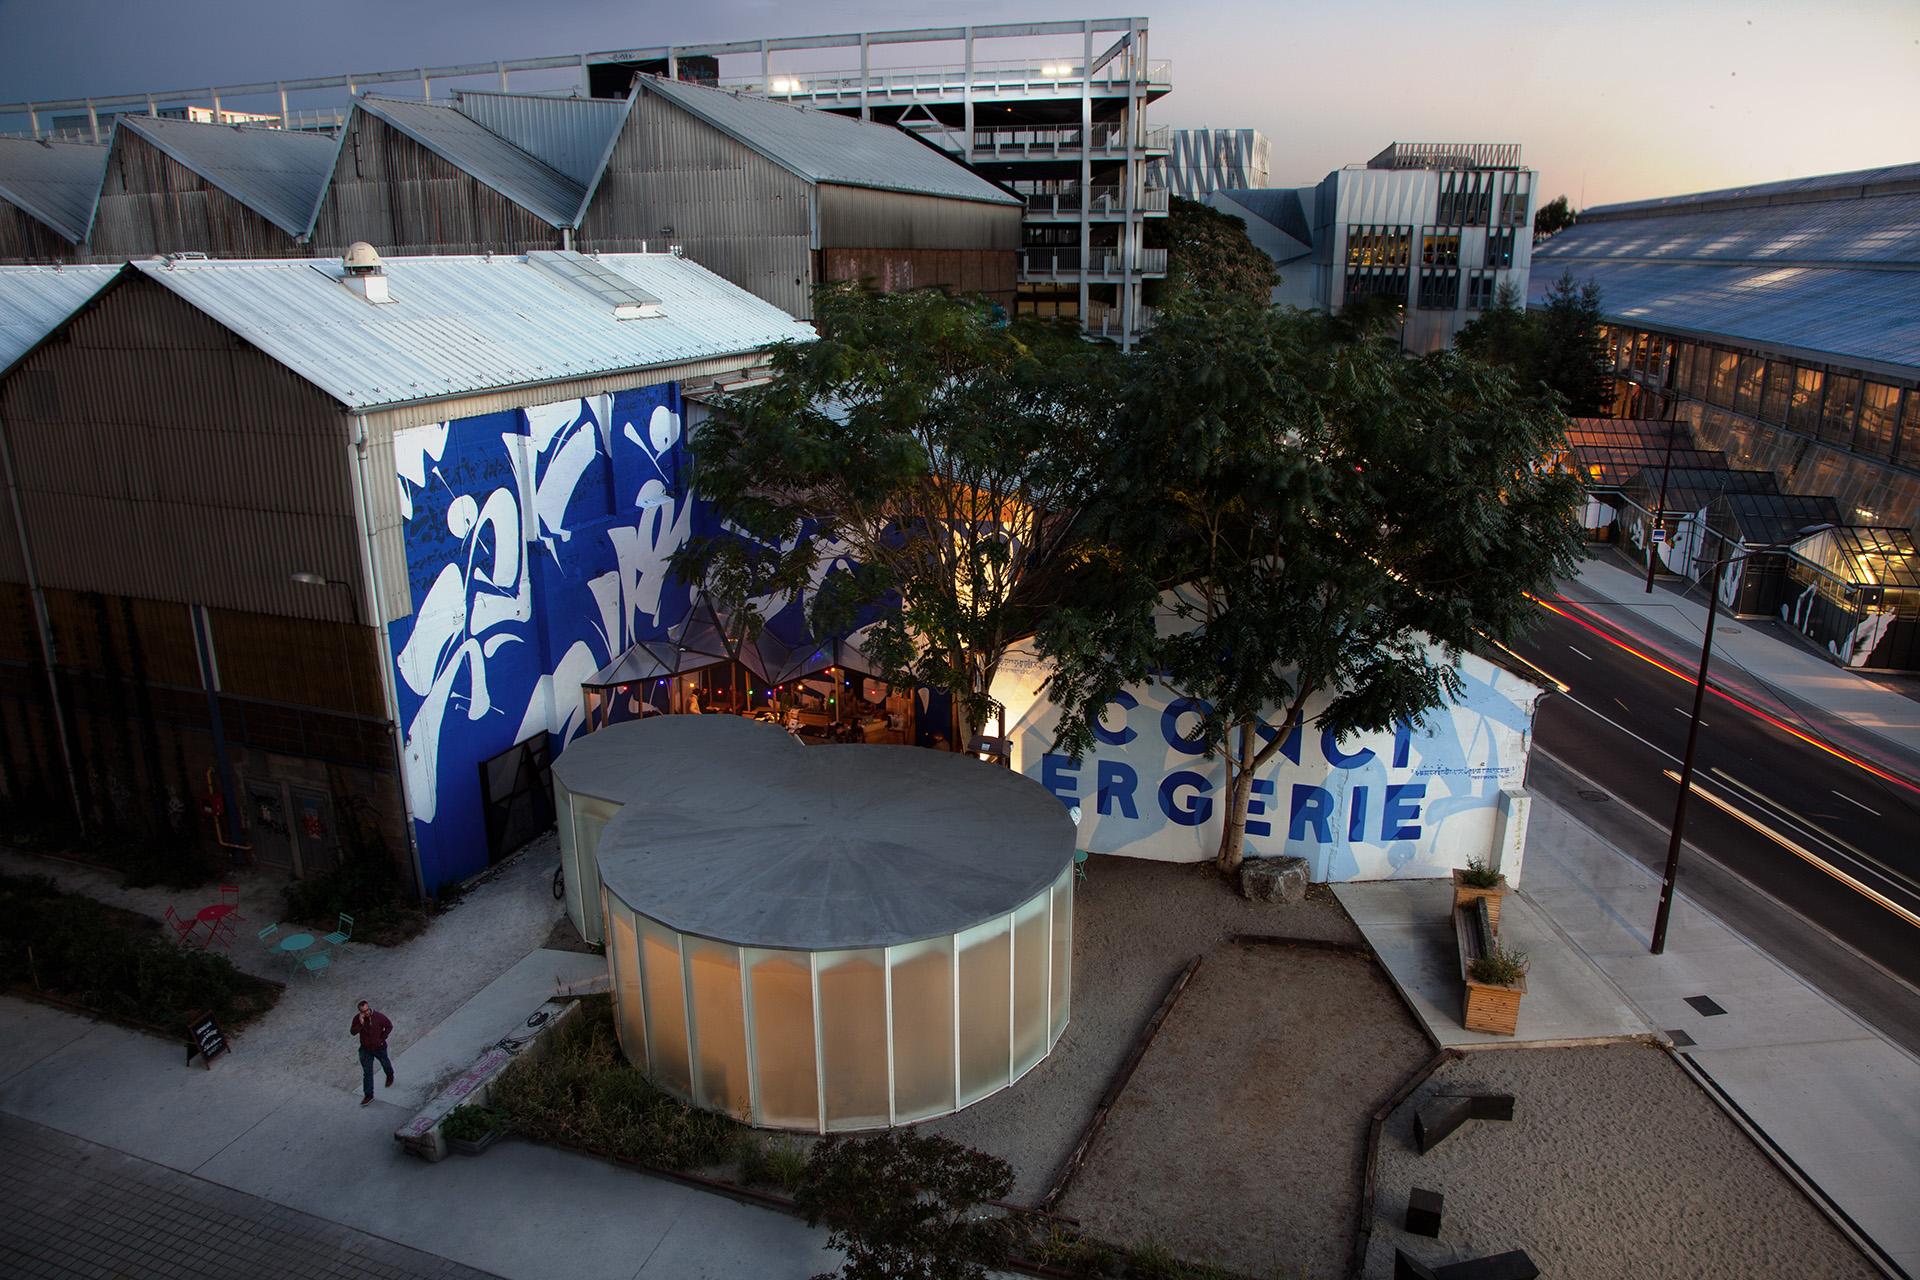 Maison màj La Conciergerie iles de Nantes, identité graphique, décoration mural signalétique urbaine maison maj peinture en lettres nantes